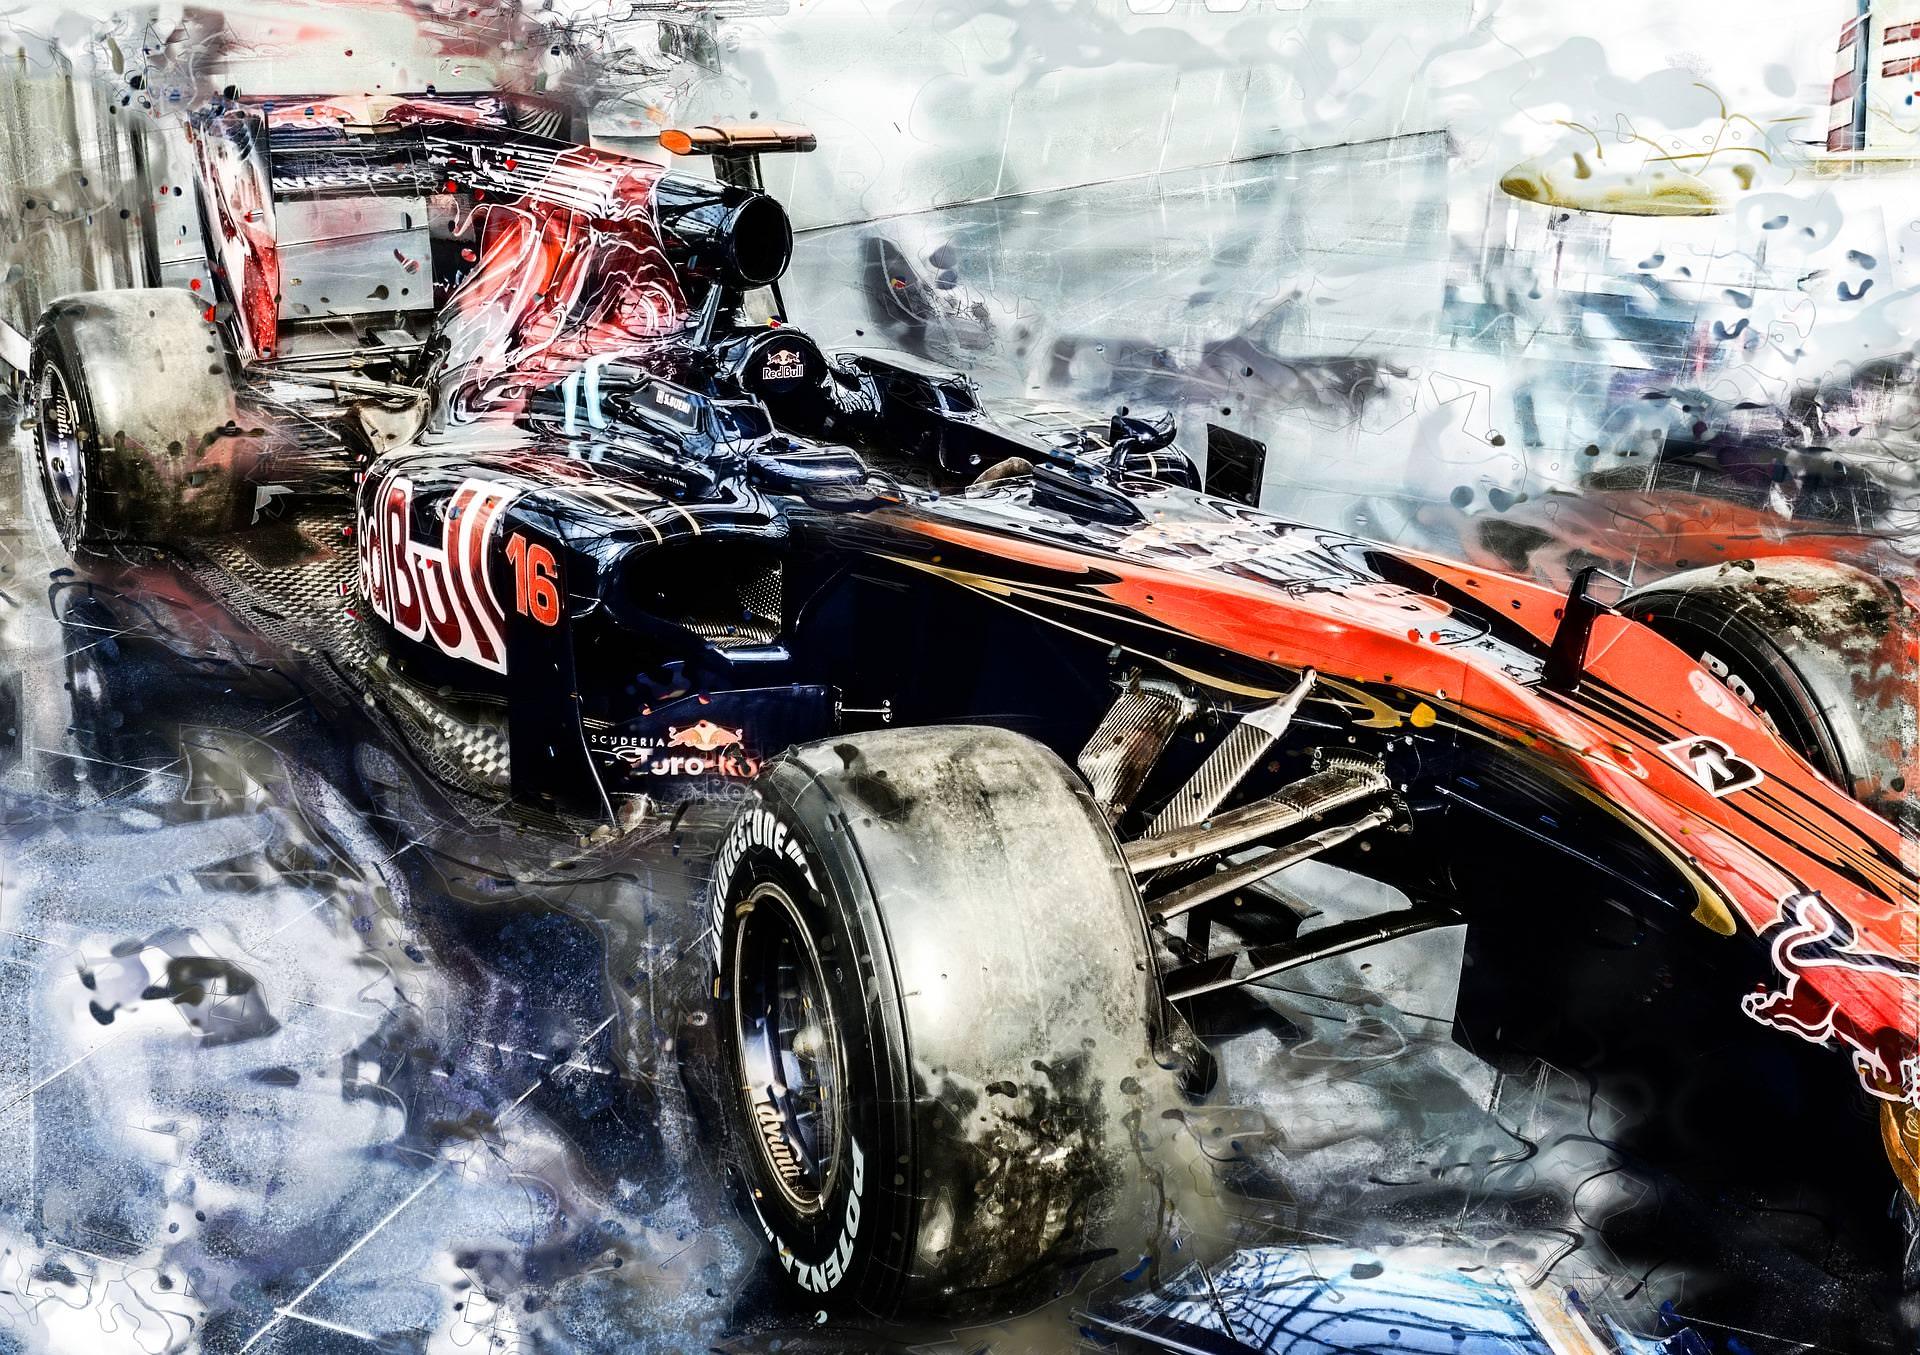 Monaco Grand Prix Event 2019